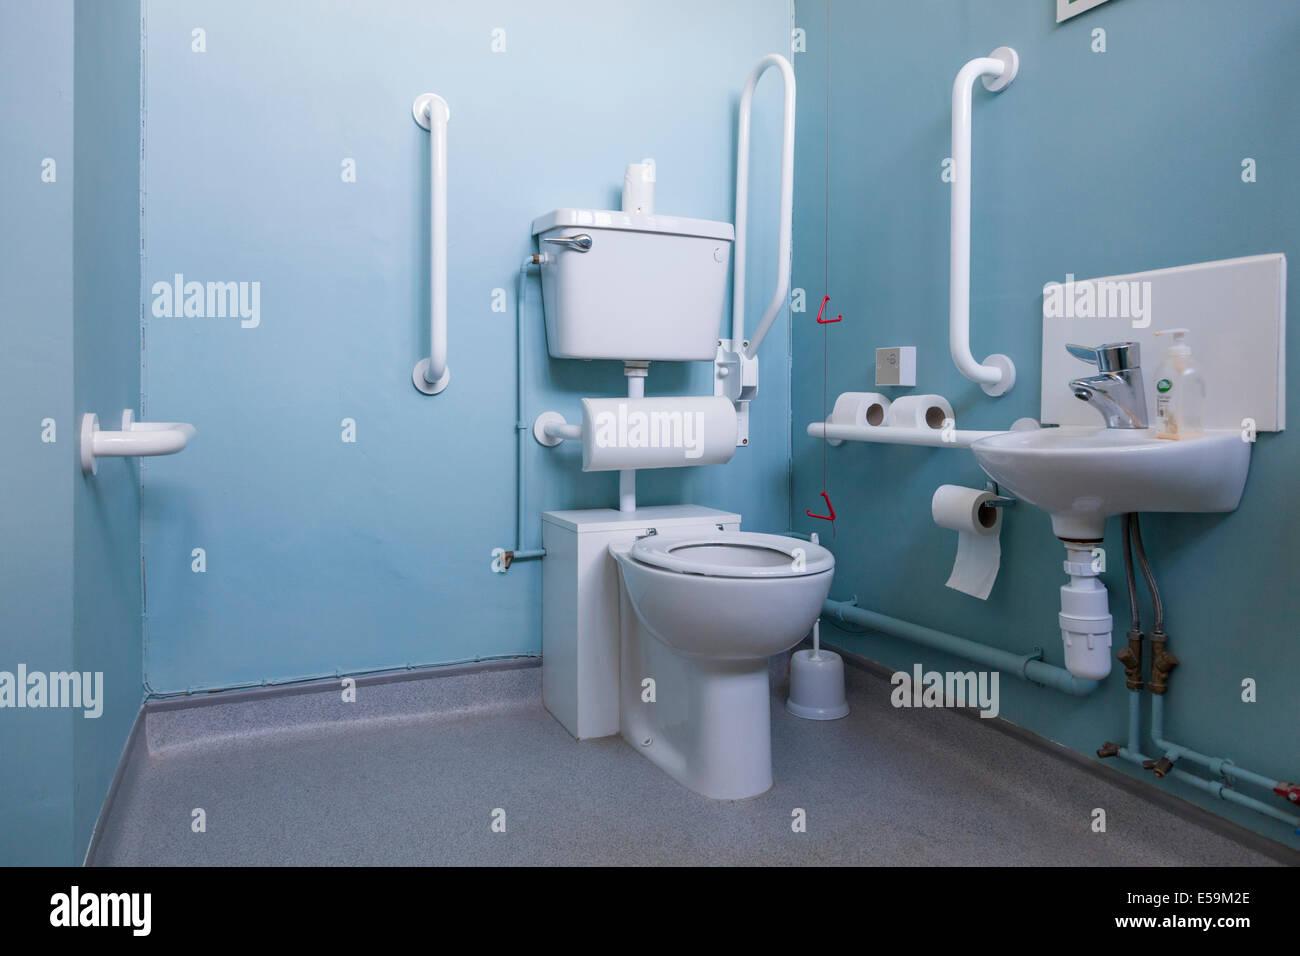 Lavabo Personne Mobilité Réduite lavabo et toilettes accessibles aux personnes handicapées